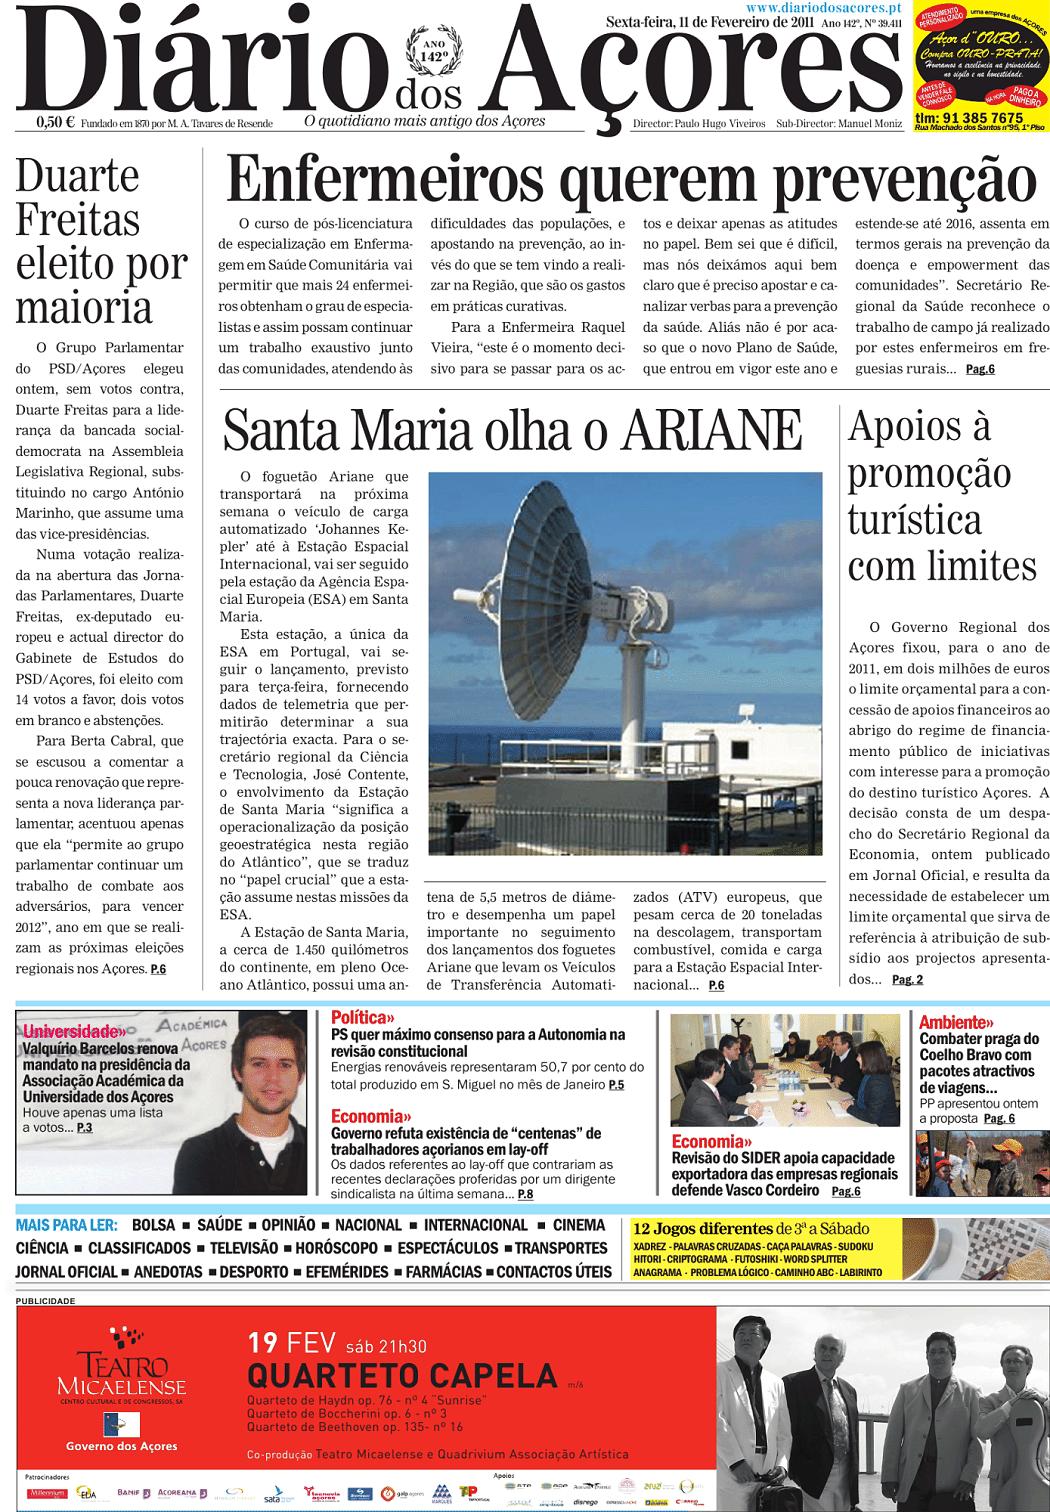 Diário dos Açores (11 fev 2011) - Jornais e Revistas - SAPO 24